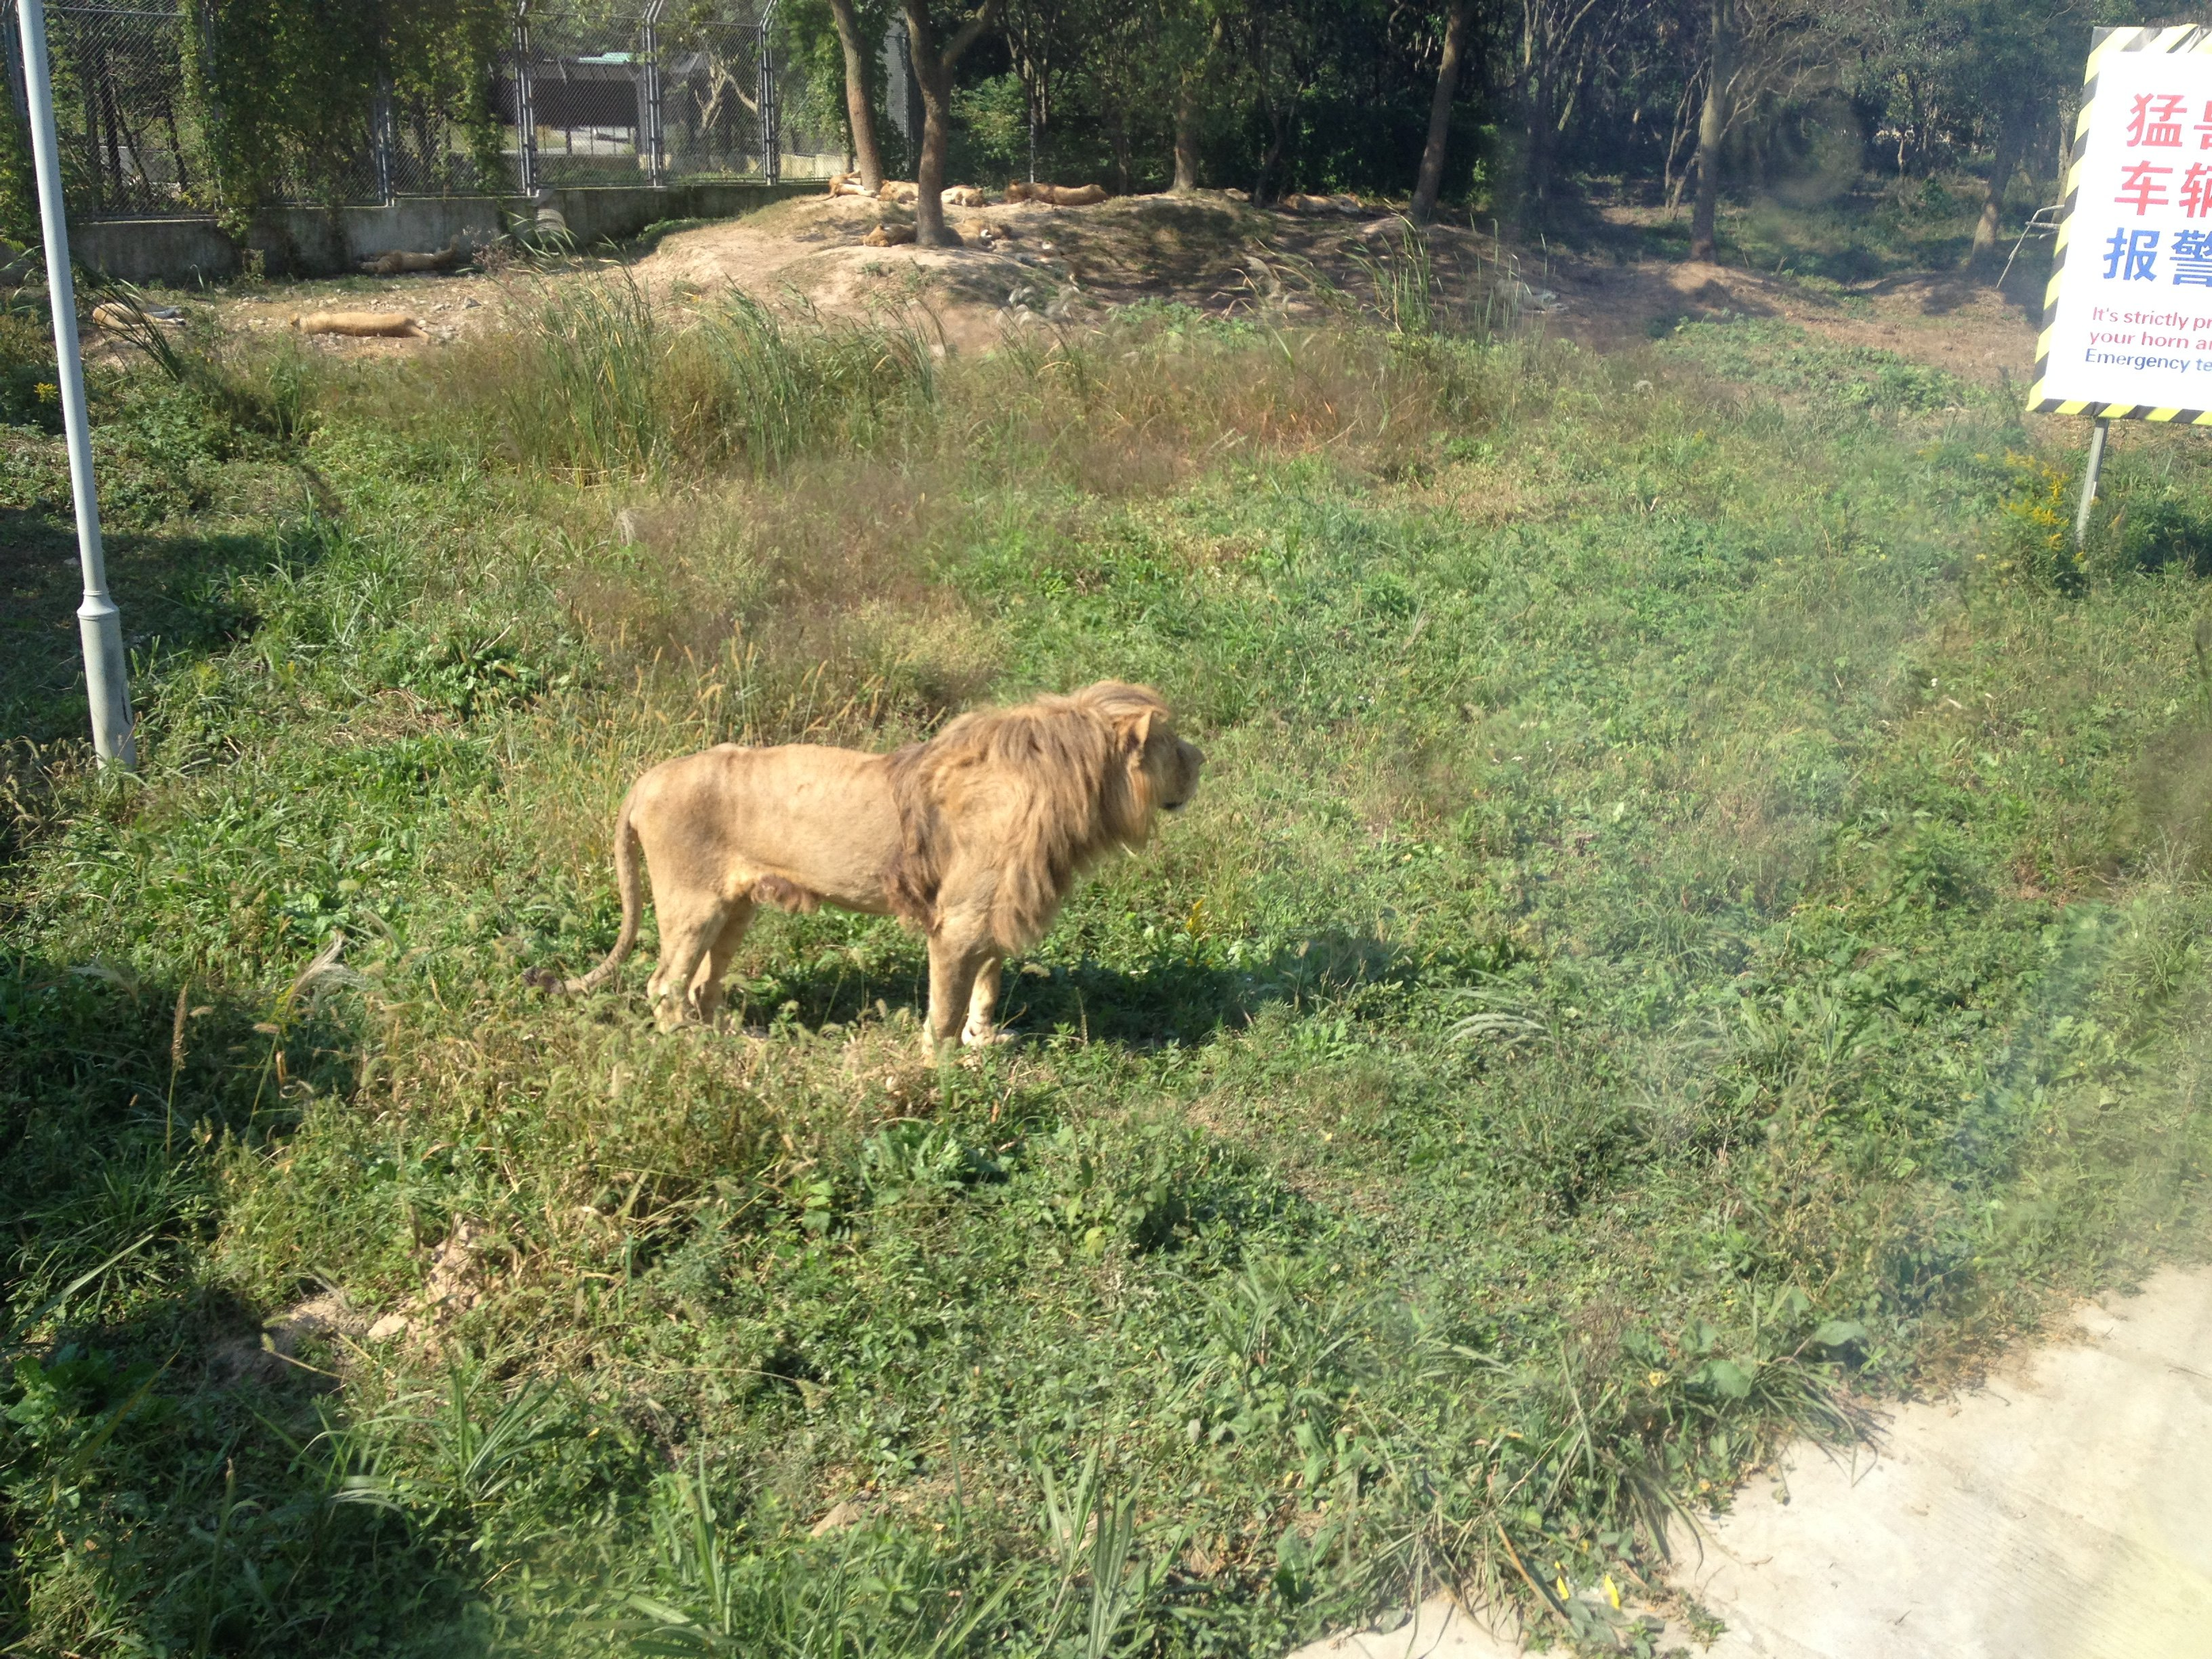 上海野生动物园里的动物种类很多